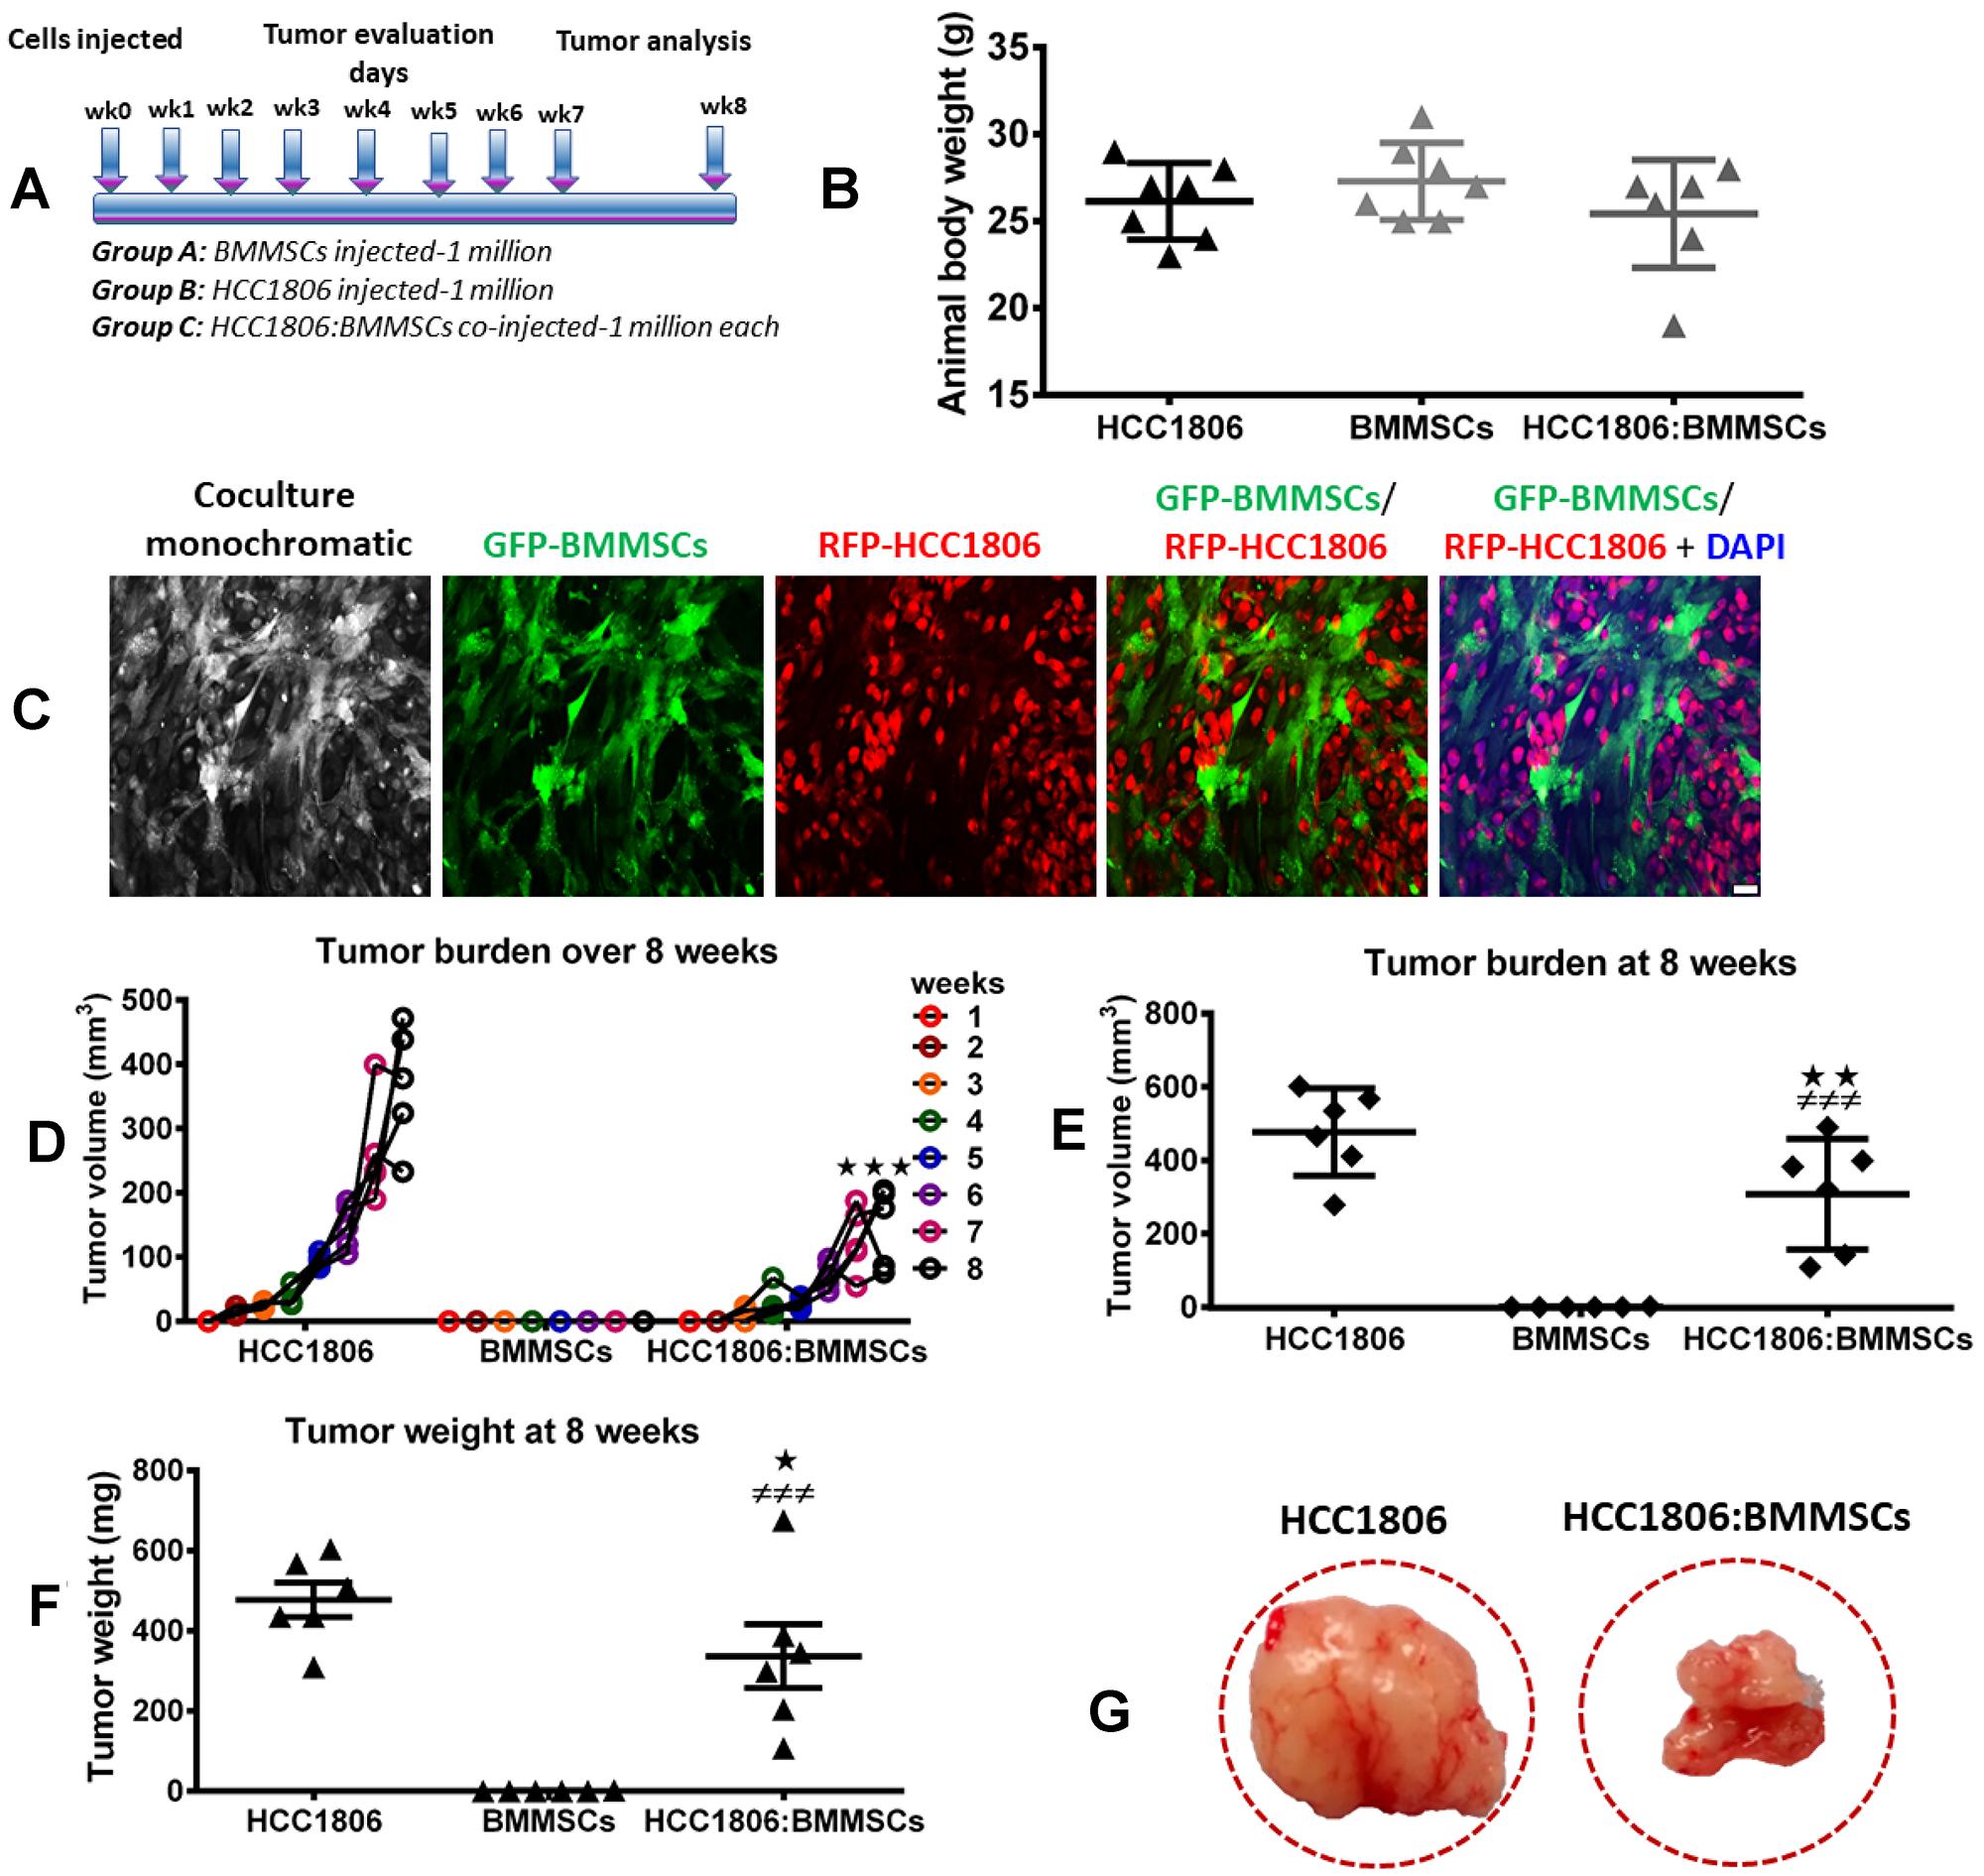 BMMSCs reduce tumor burden of HCC1806 xenografts in vivo.